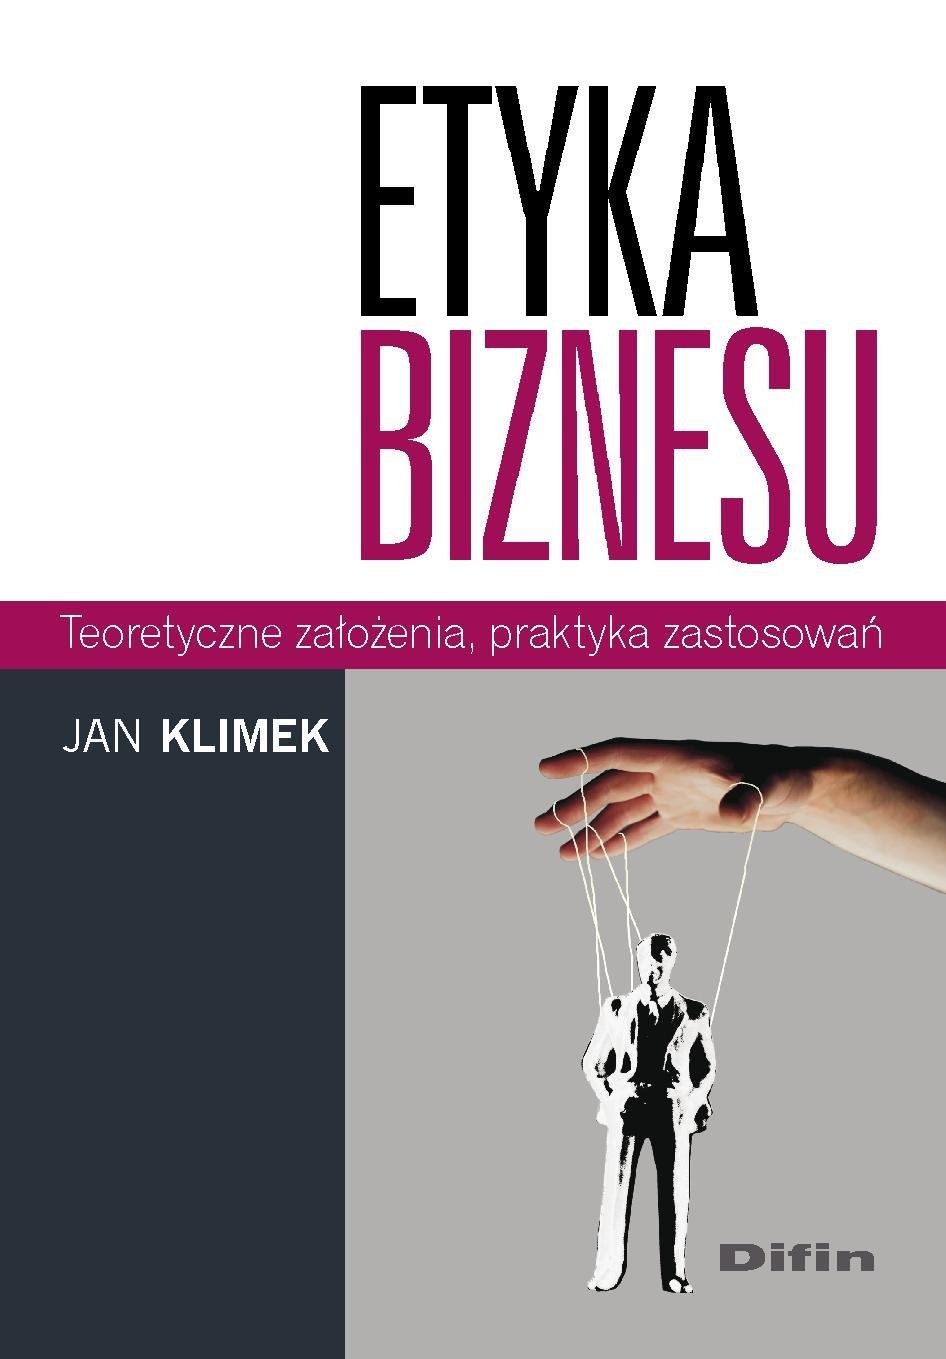 Etyka biznesu. Teoretyczne założenia, praktyka zastosowań - Ebook (Książka PDF) do pobrania w formacie PDF